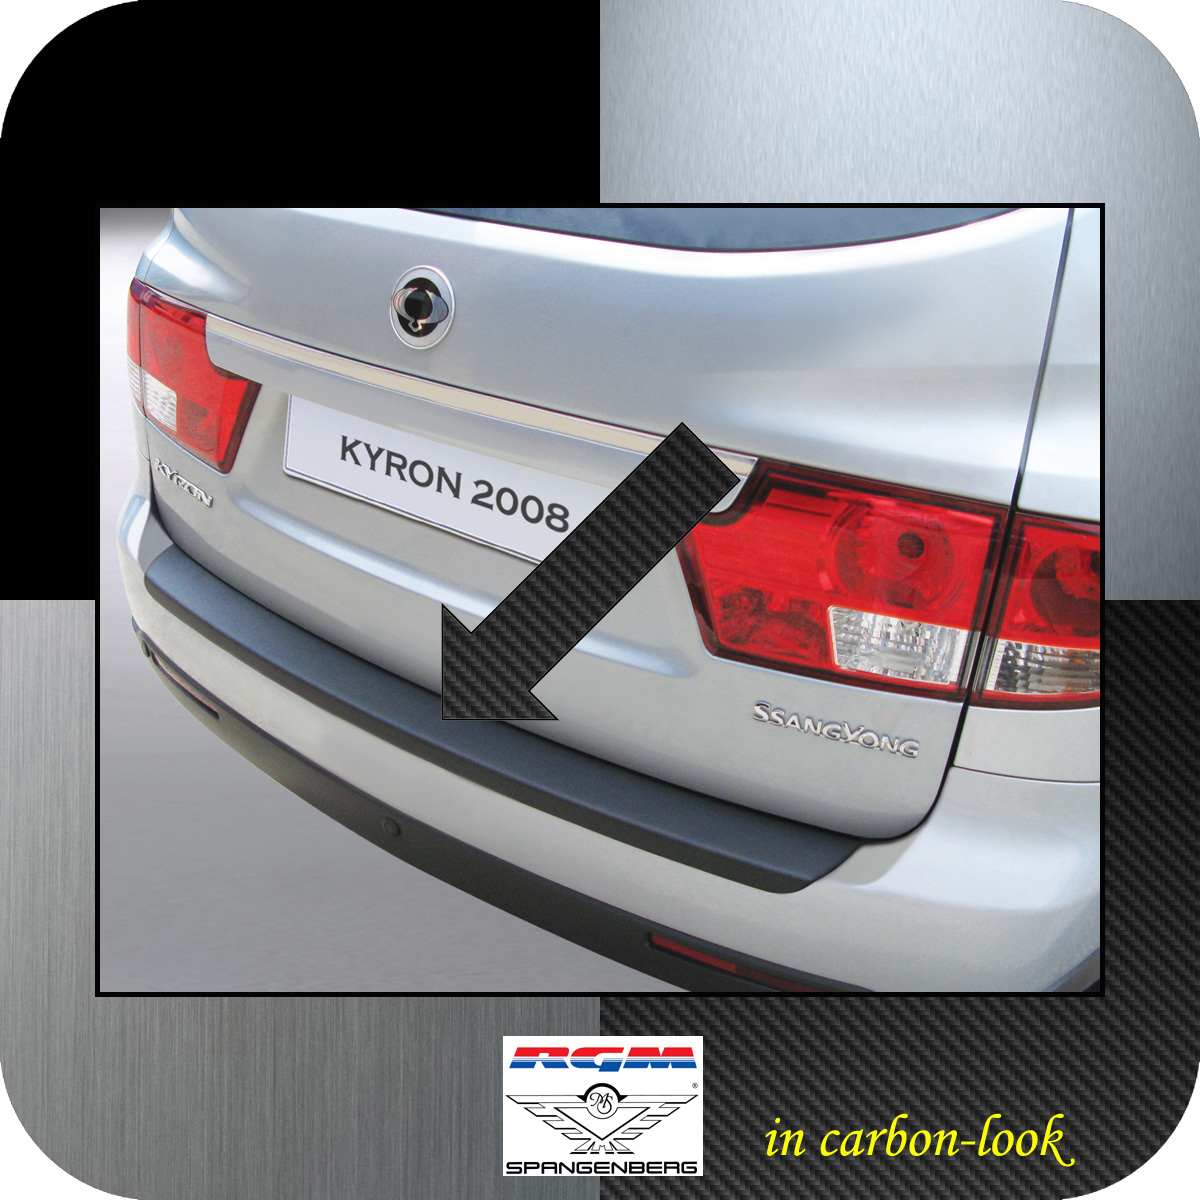 Ladekantenschutz Carbon-Look SsangYong Kyron SUV Kombi facelift 2007- 3509154